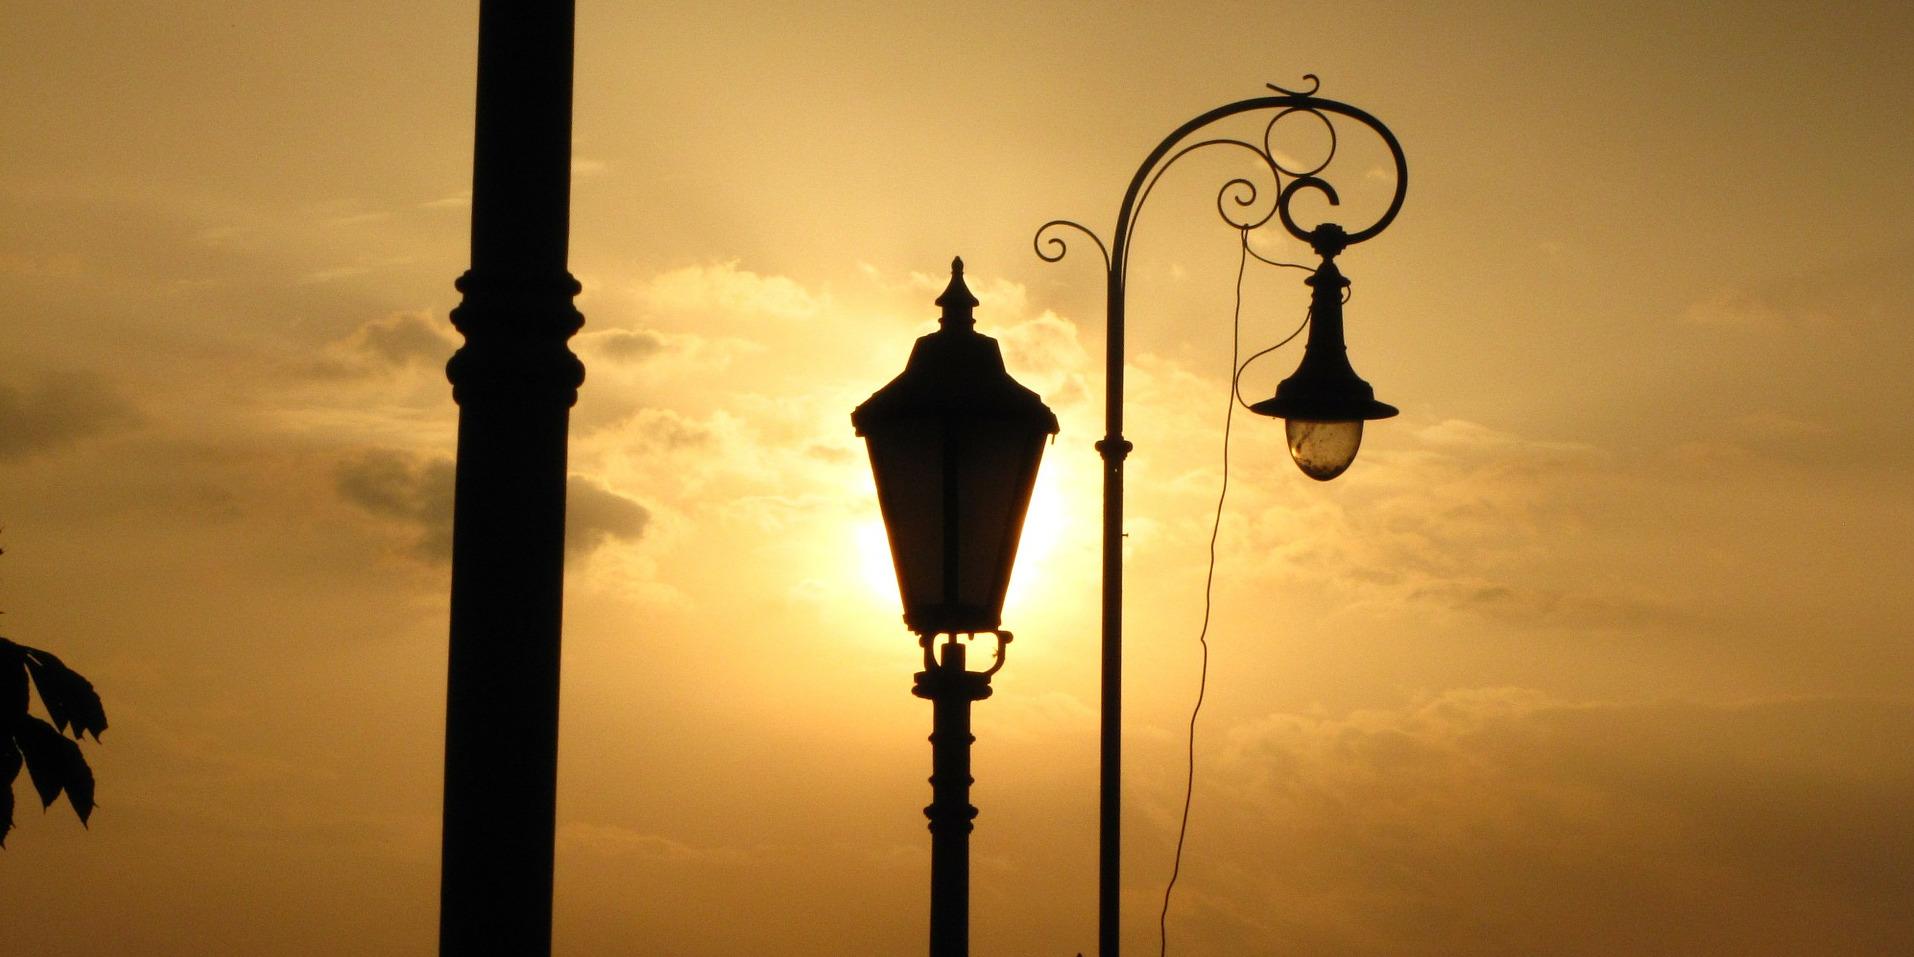 lamp-113591_1920